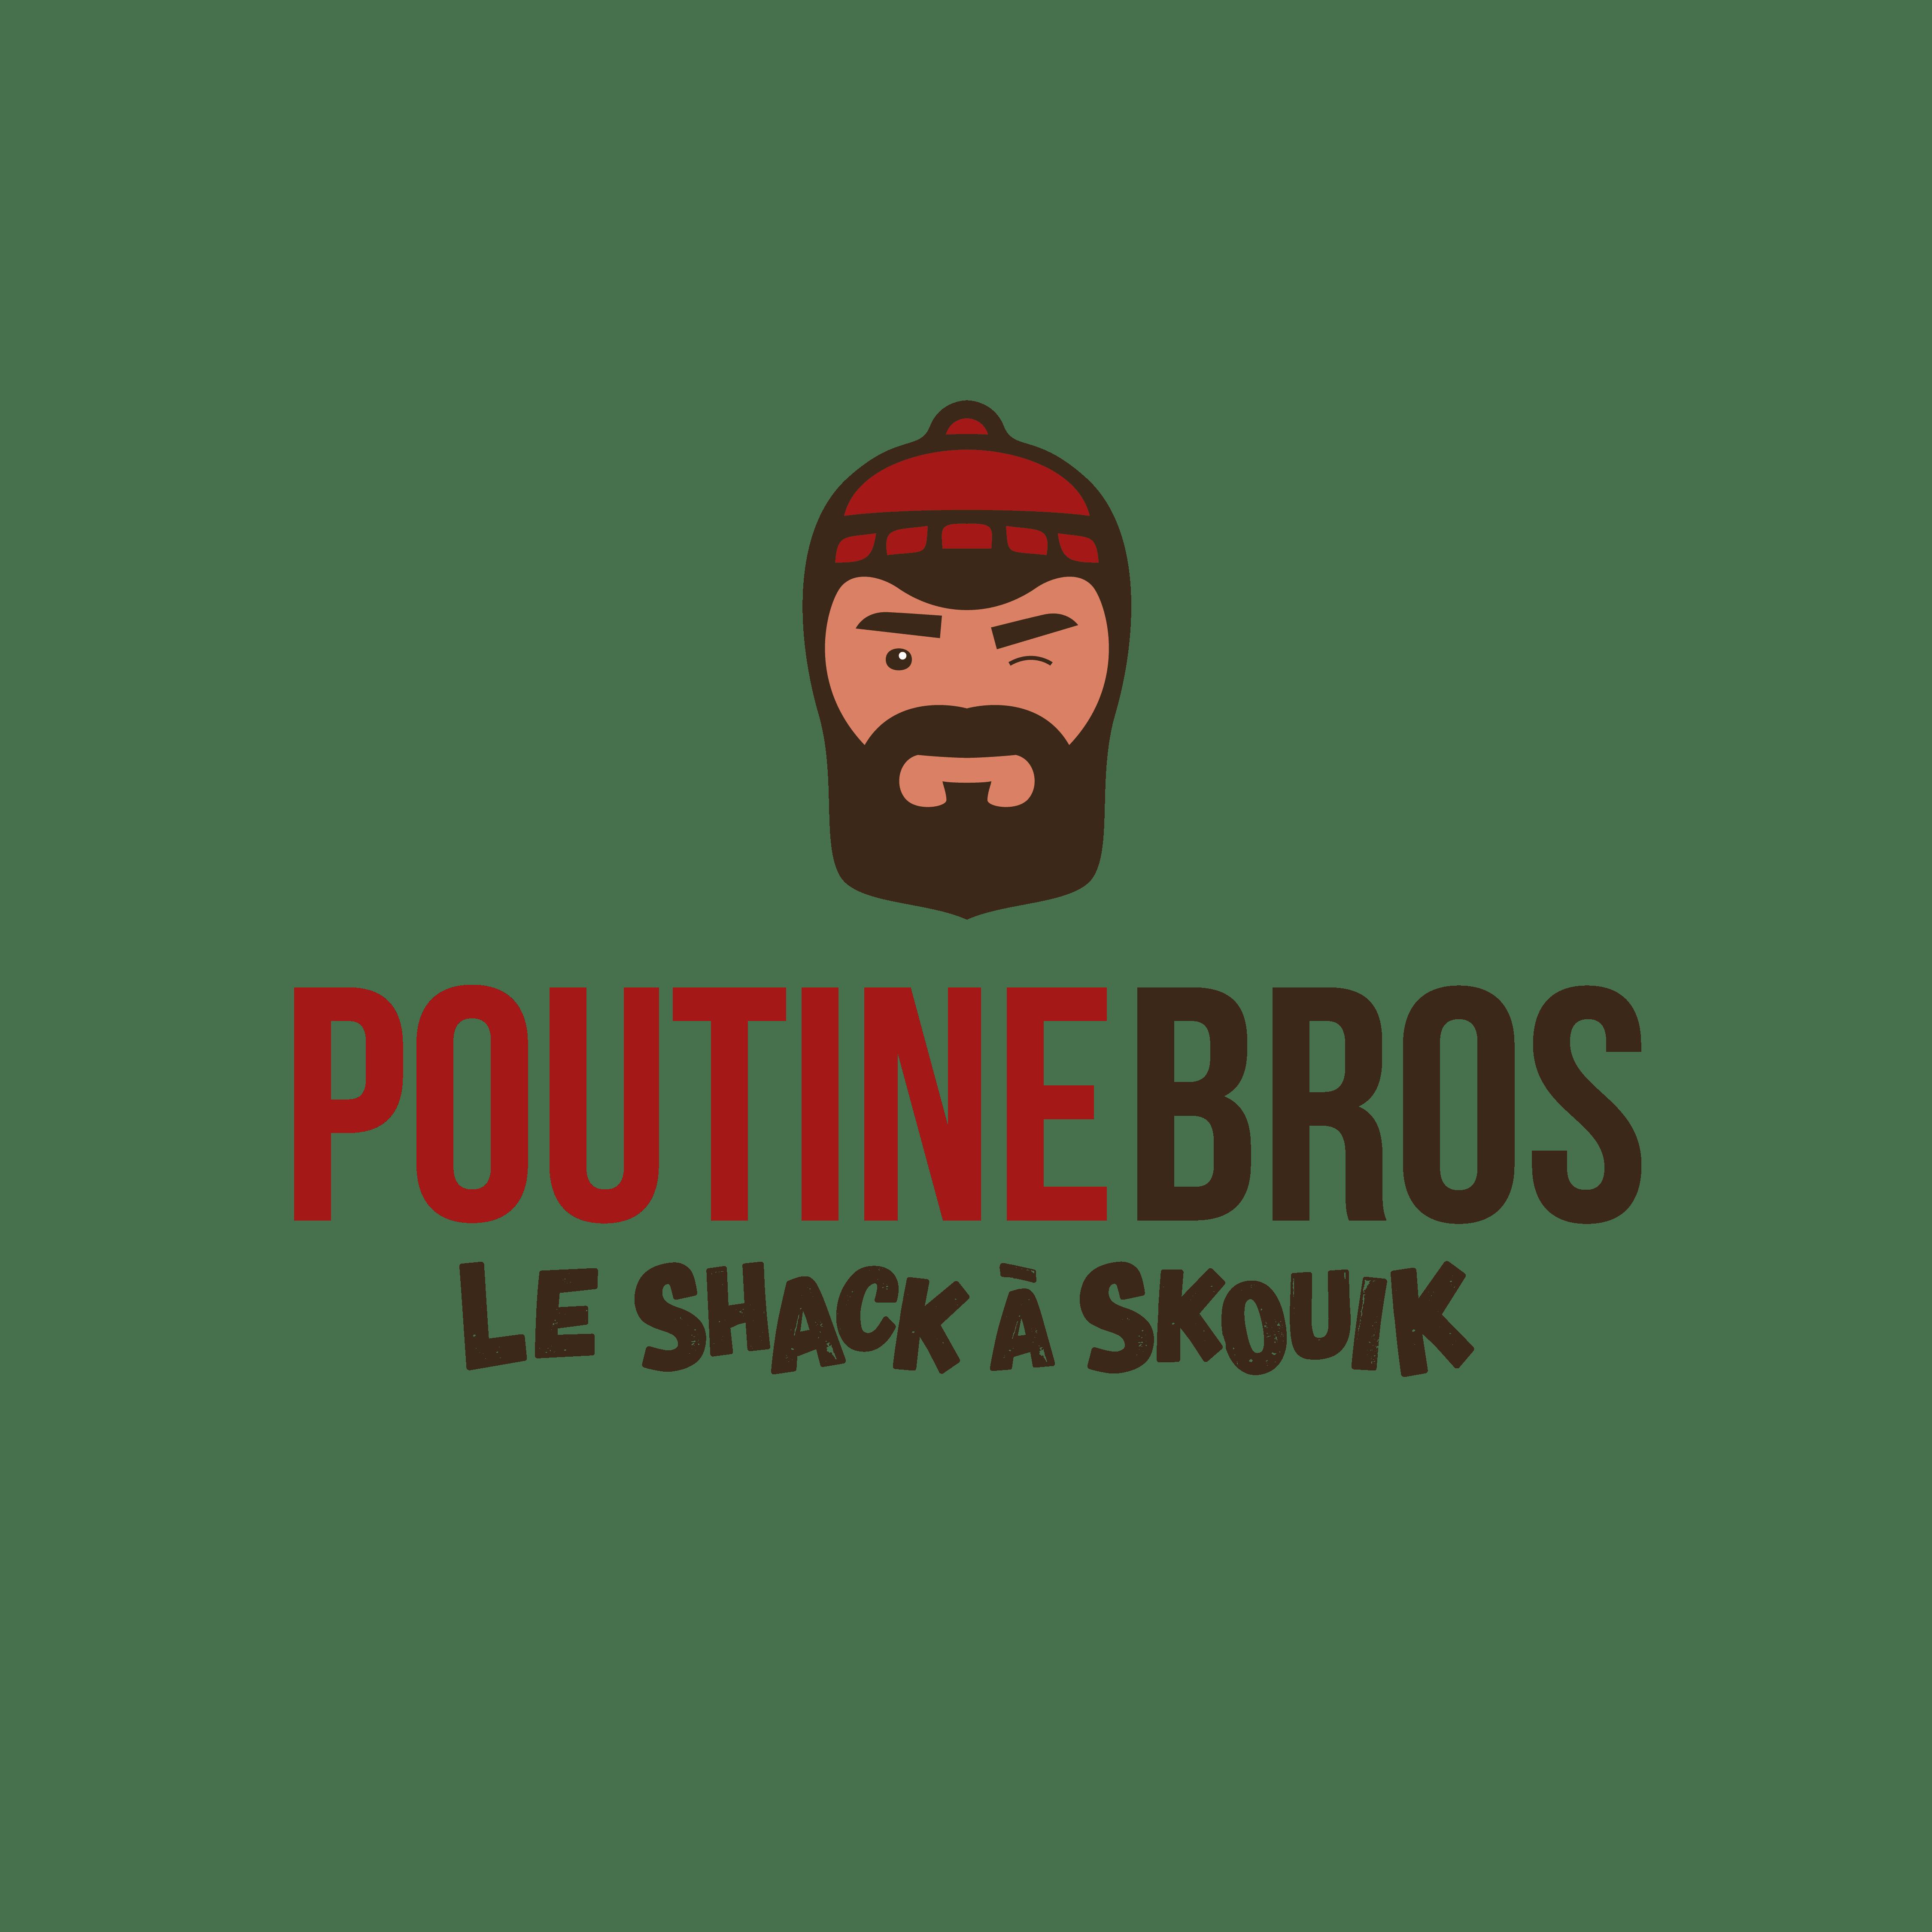 PoutineBros Logo